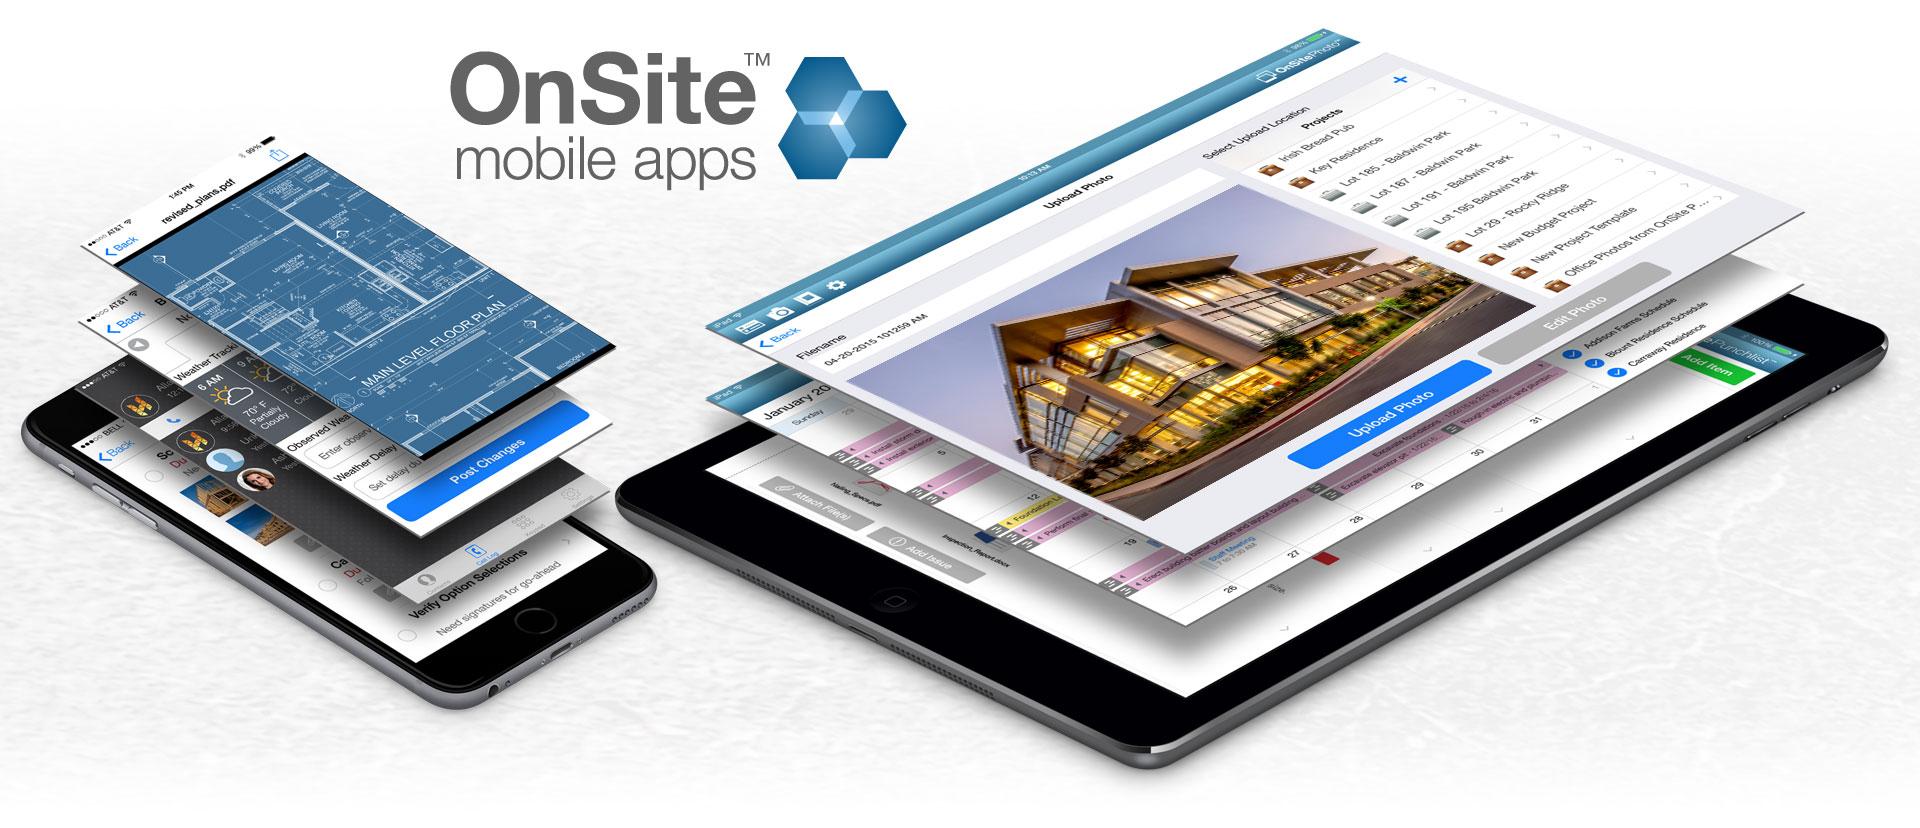 onsite_apps_inline_image.jpg